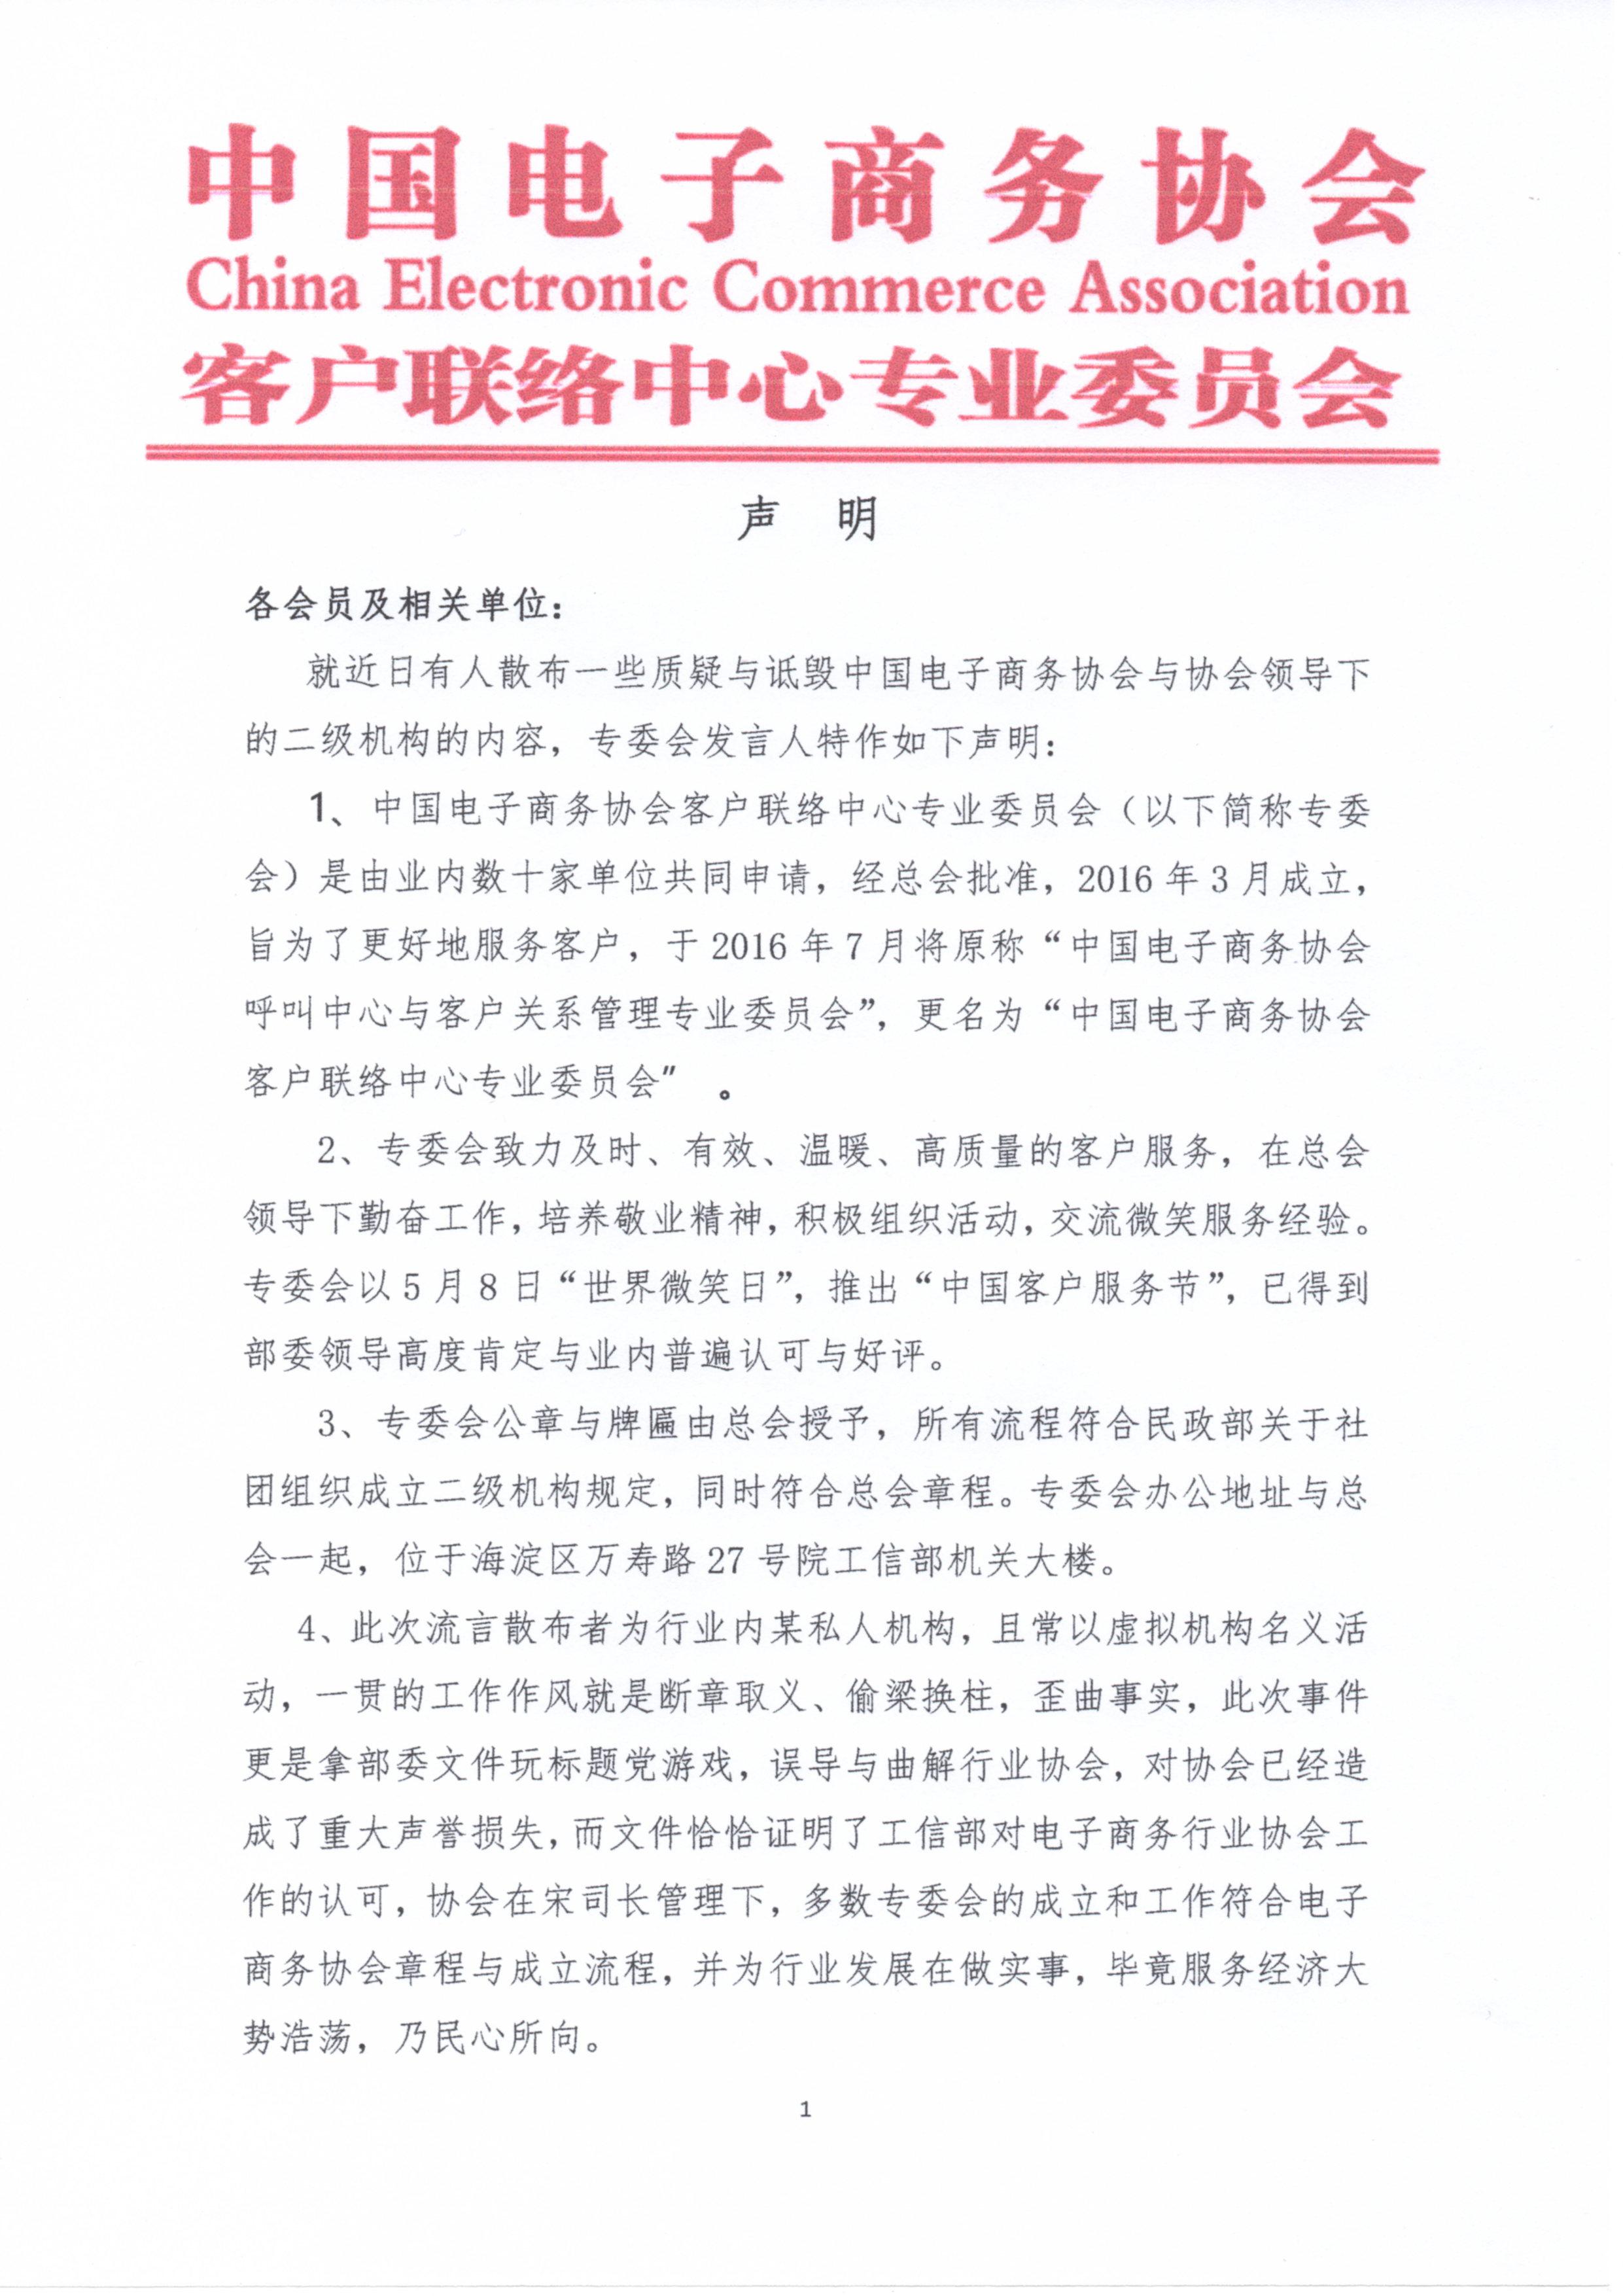 中国电子商务协会客户